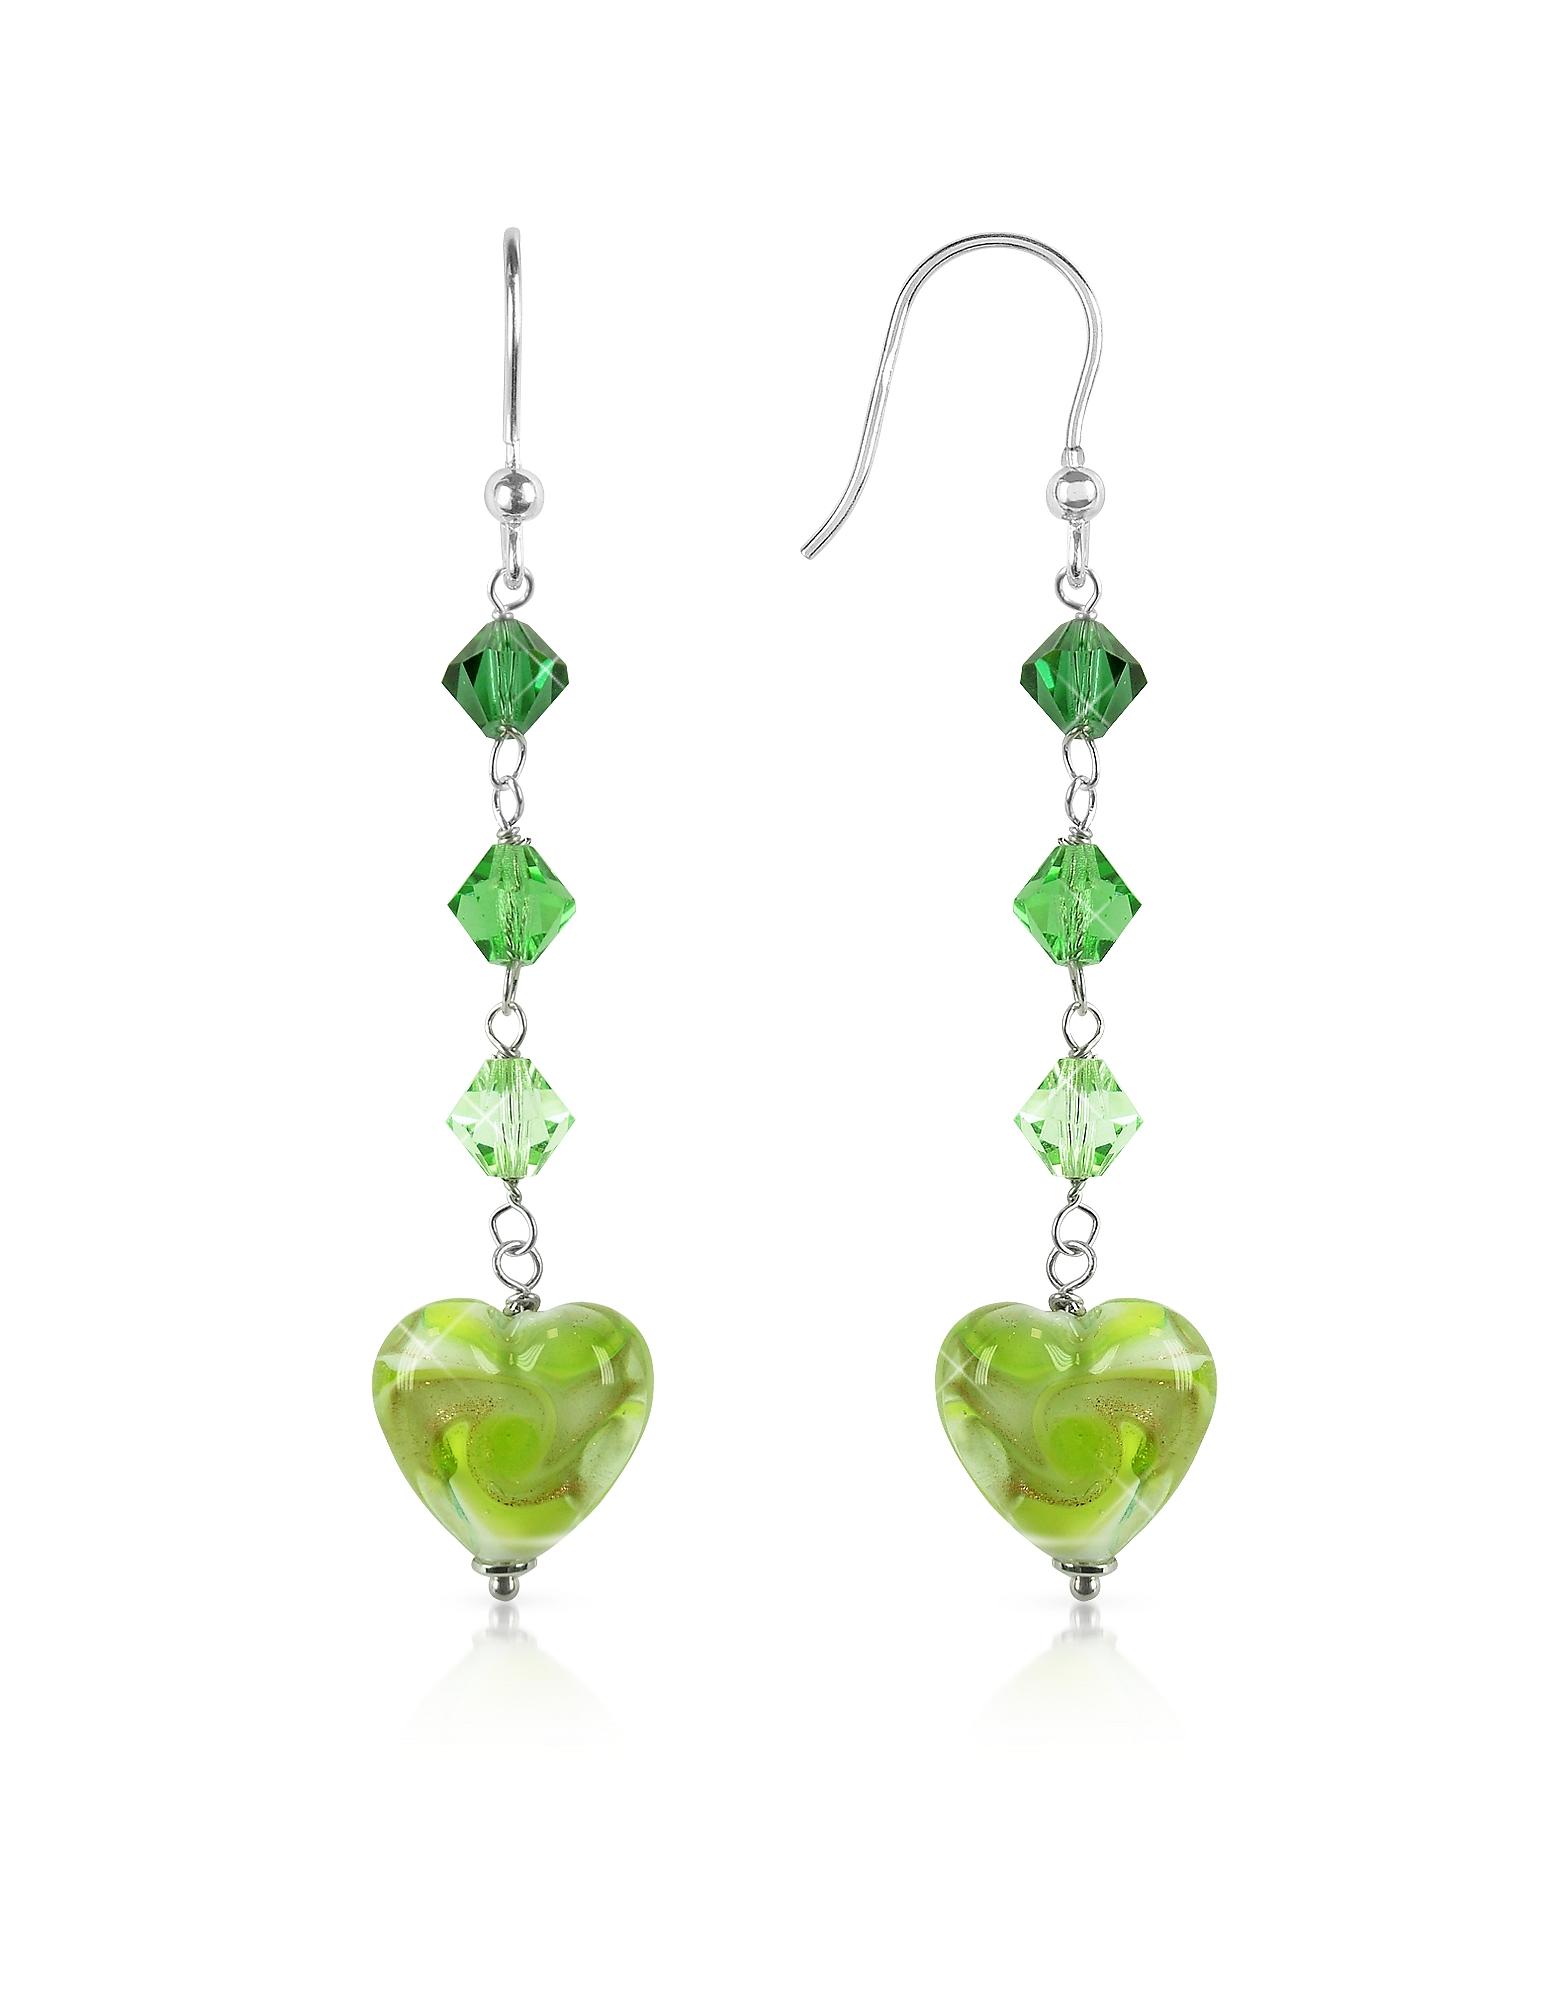 Фото Vortice - Серьги с Сердечками Лимонно-зеленого Цвета из Стекла Мурано. Купить с доставкой